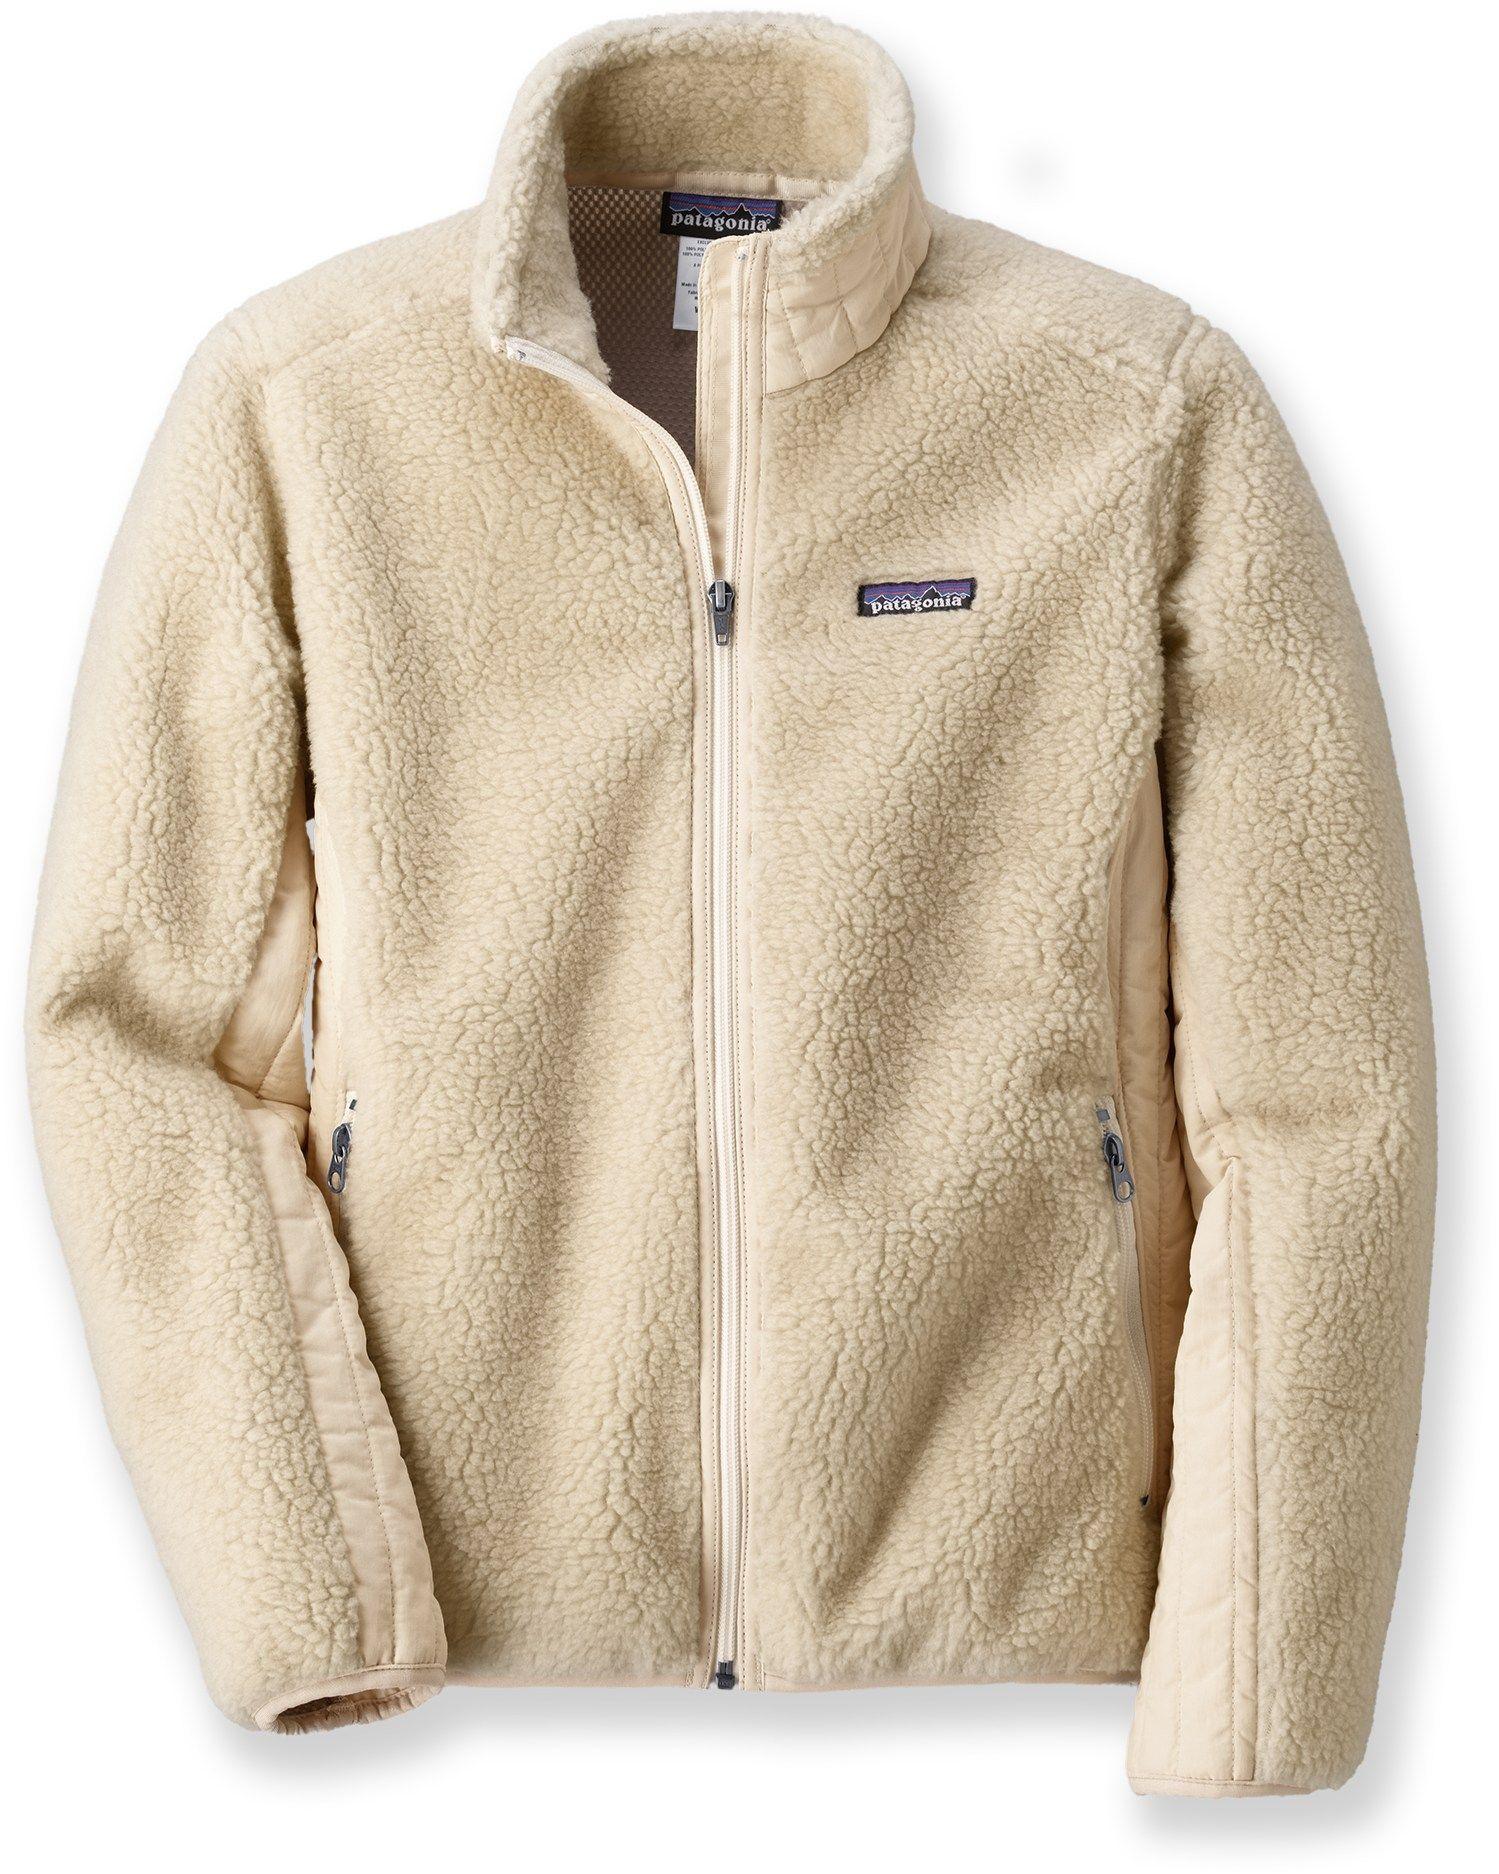 01d9af2235a8d I might have a fleece addiction Patagonia Classic Retro-X jacket